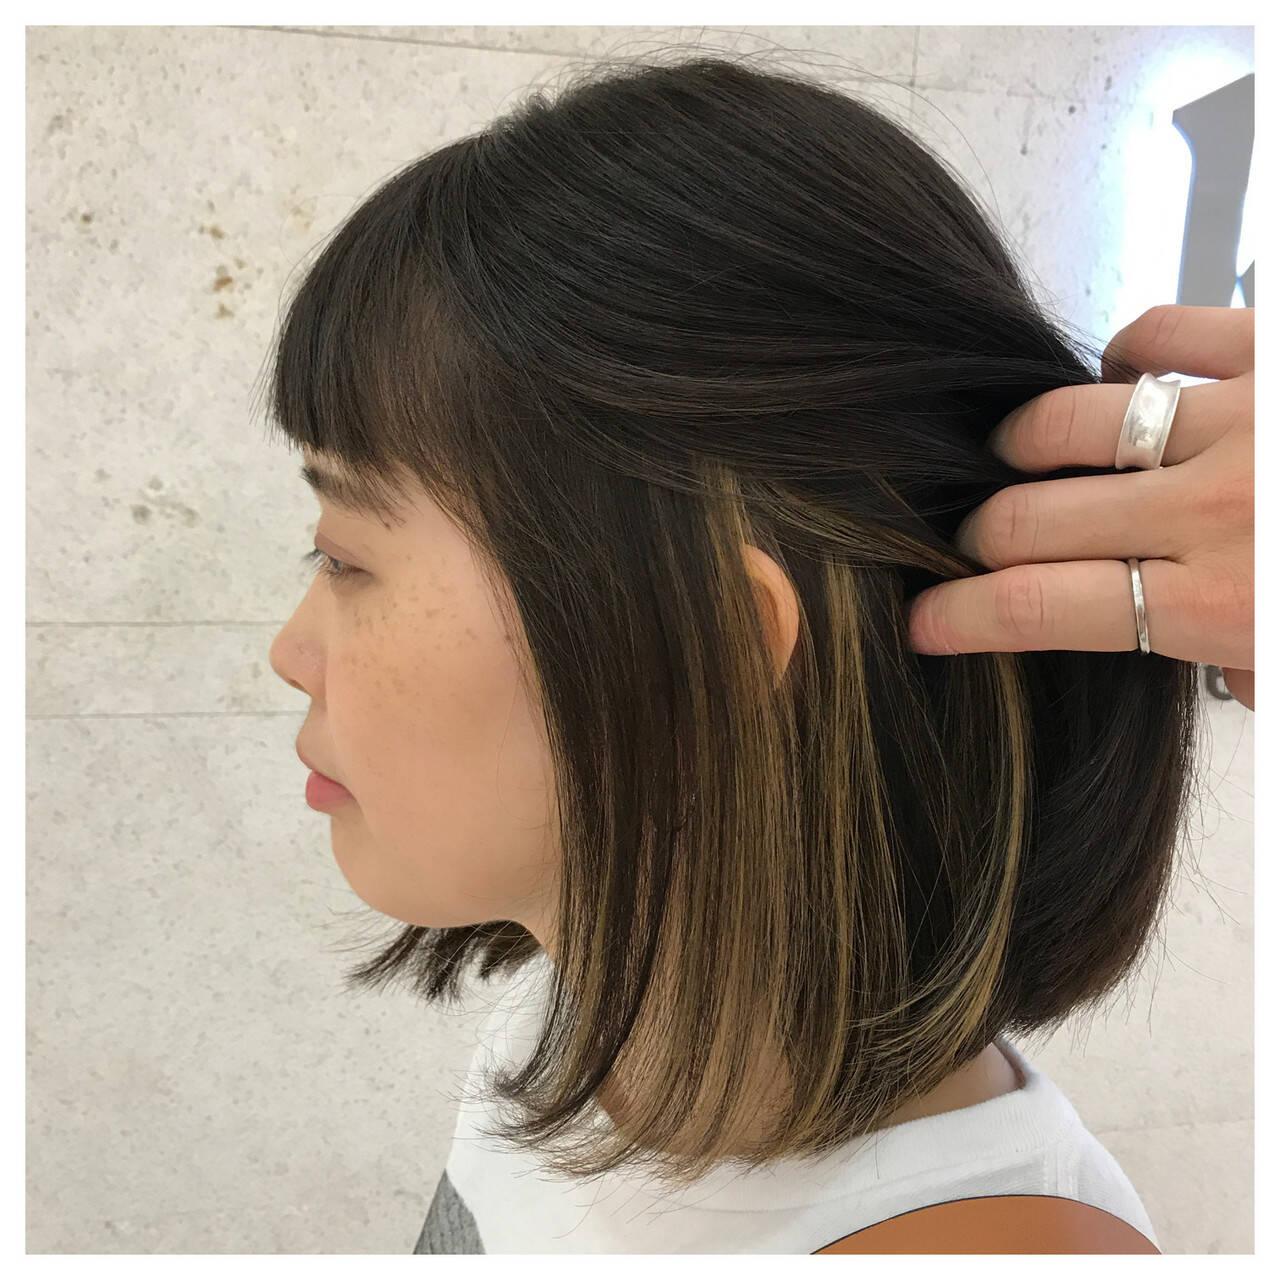 モード ハイライト アンニュイ インナーカラーヘアスタイルや髪型の写真・画像